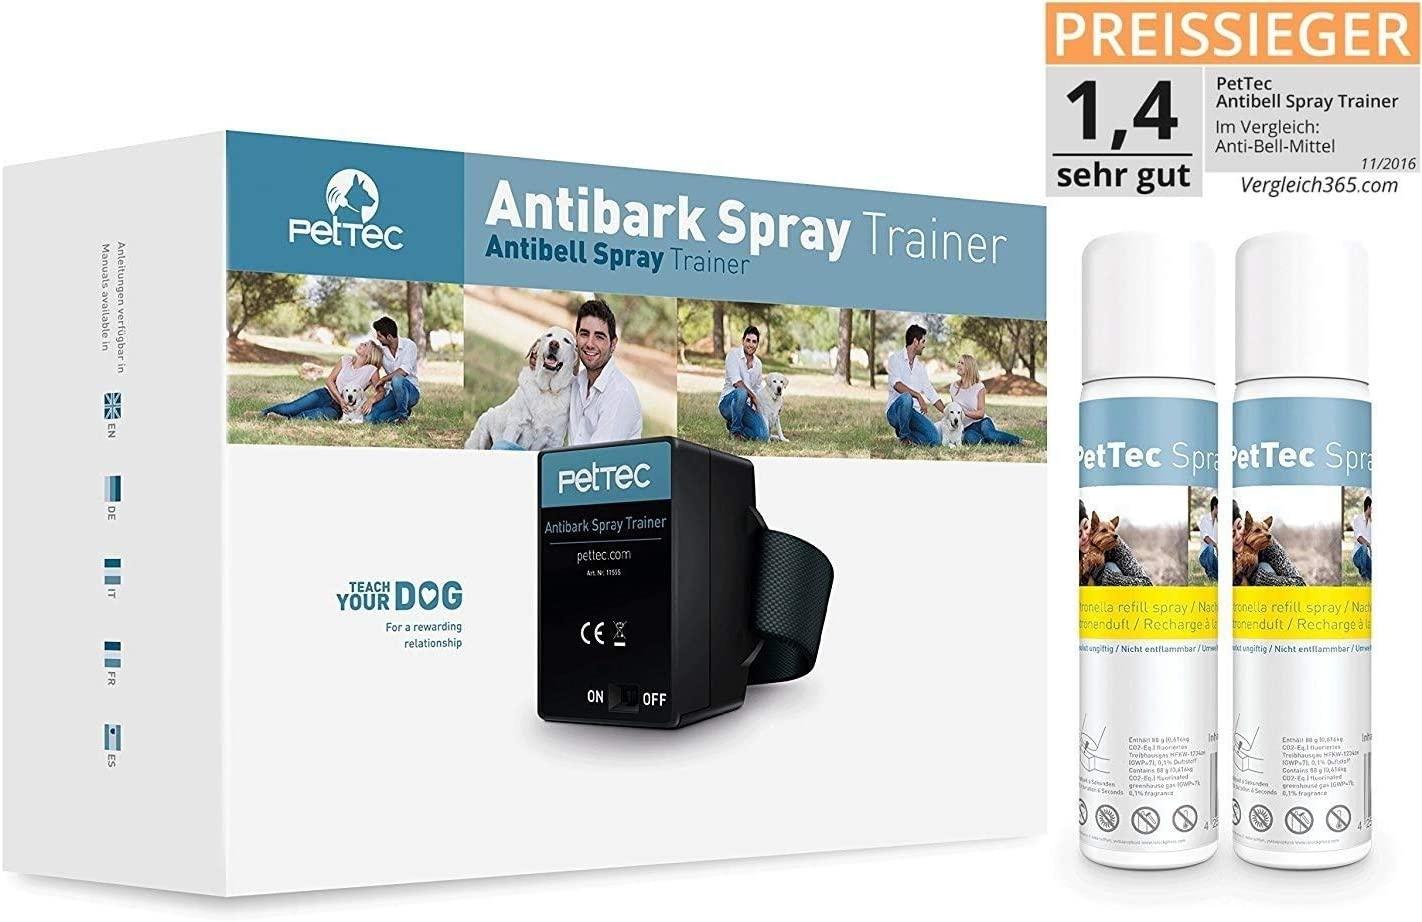 PetTec Collar de Perro con Spray Automático Entrenador Anti Ladridos, de Entrenamiento Inmediato e Inofensivo, Seguro para Perros y Personas + 2 Latas de Repuesto y Pilas Incluidas (Citronela)